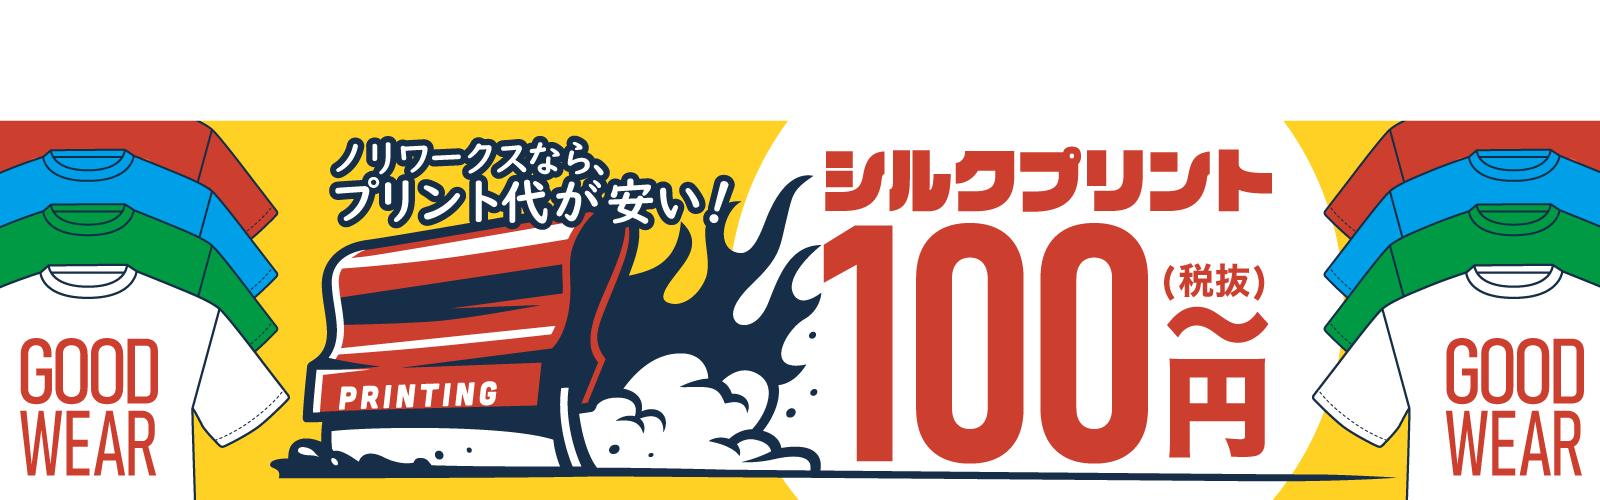 シルクプリント100円~